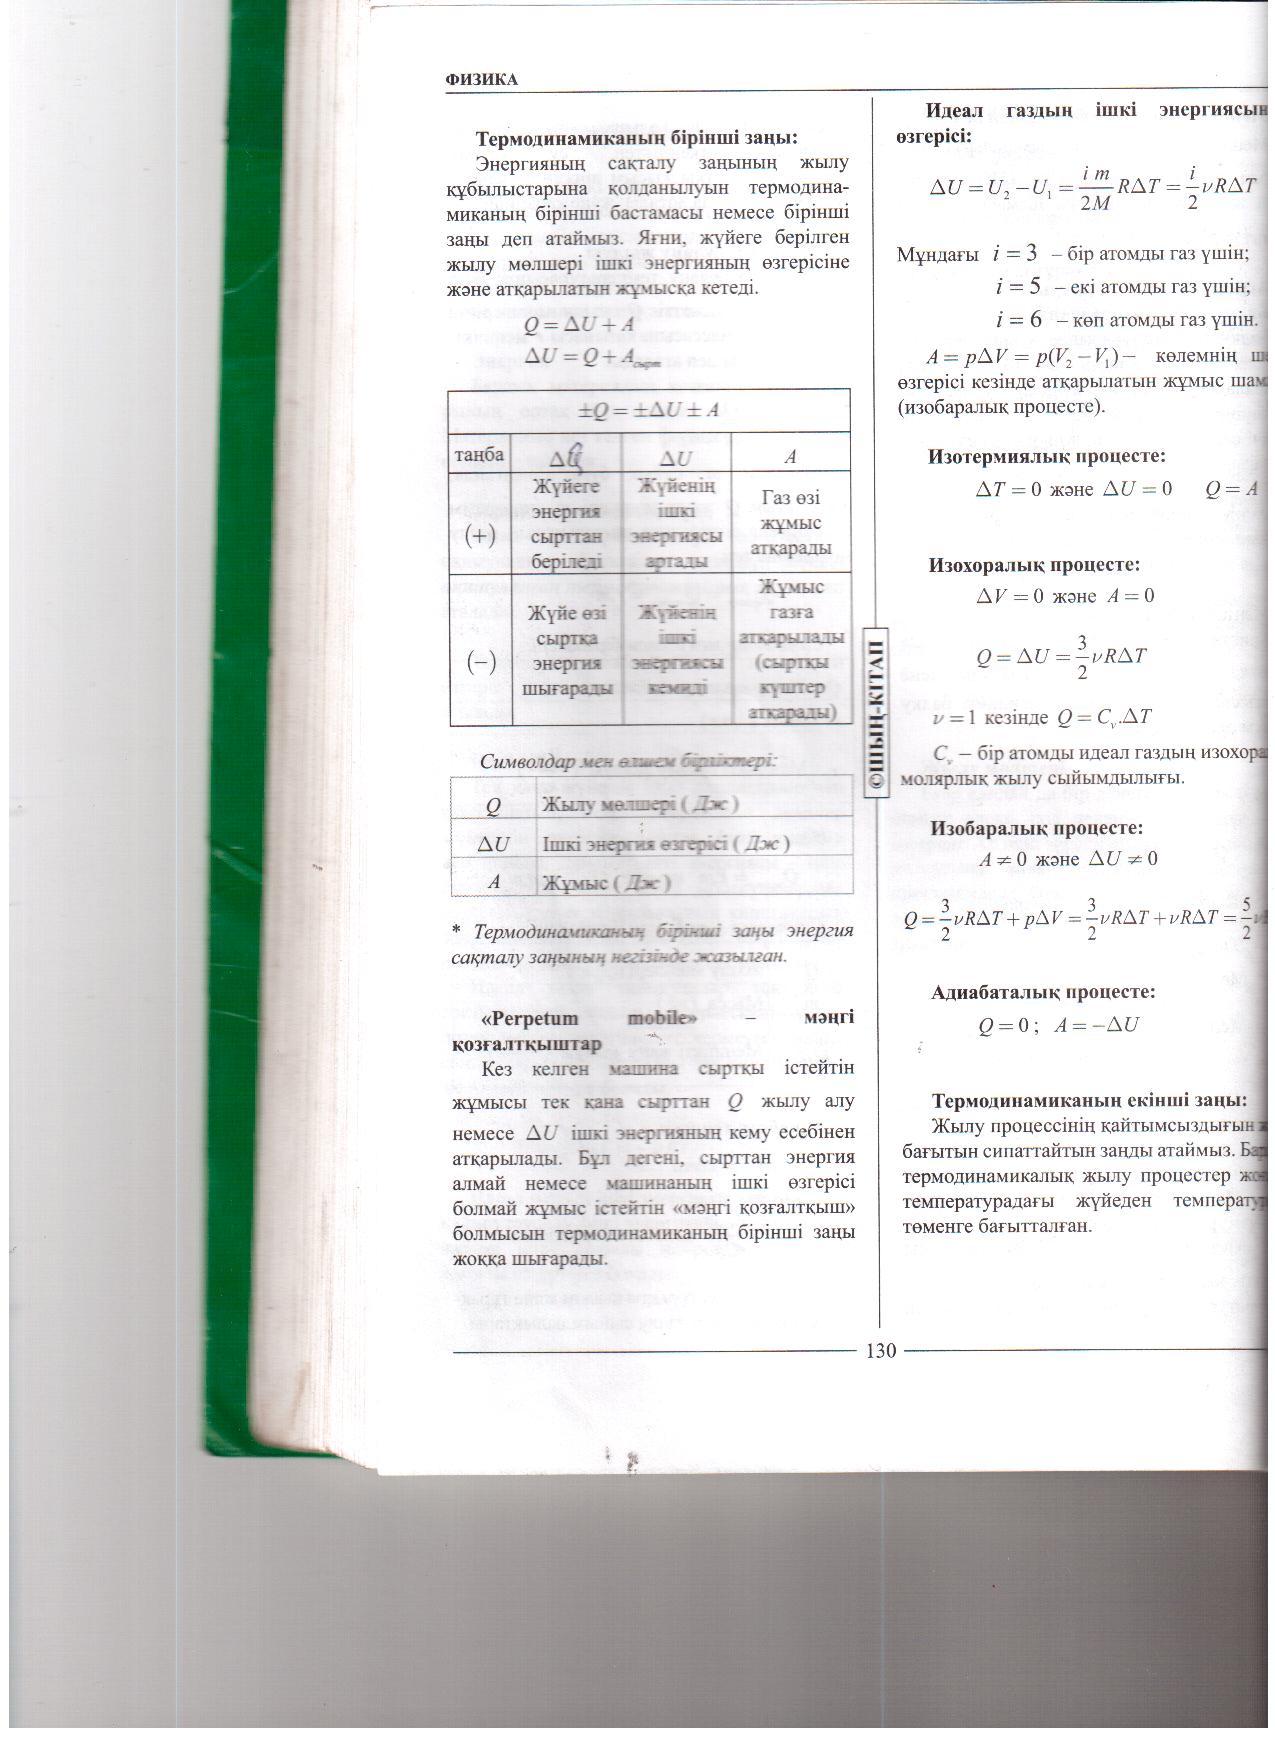 C:\Documents and Settings\Admin\Мои документы\Мои рисунки\Изображение\Изображение 020.jpg